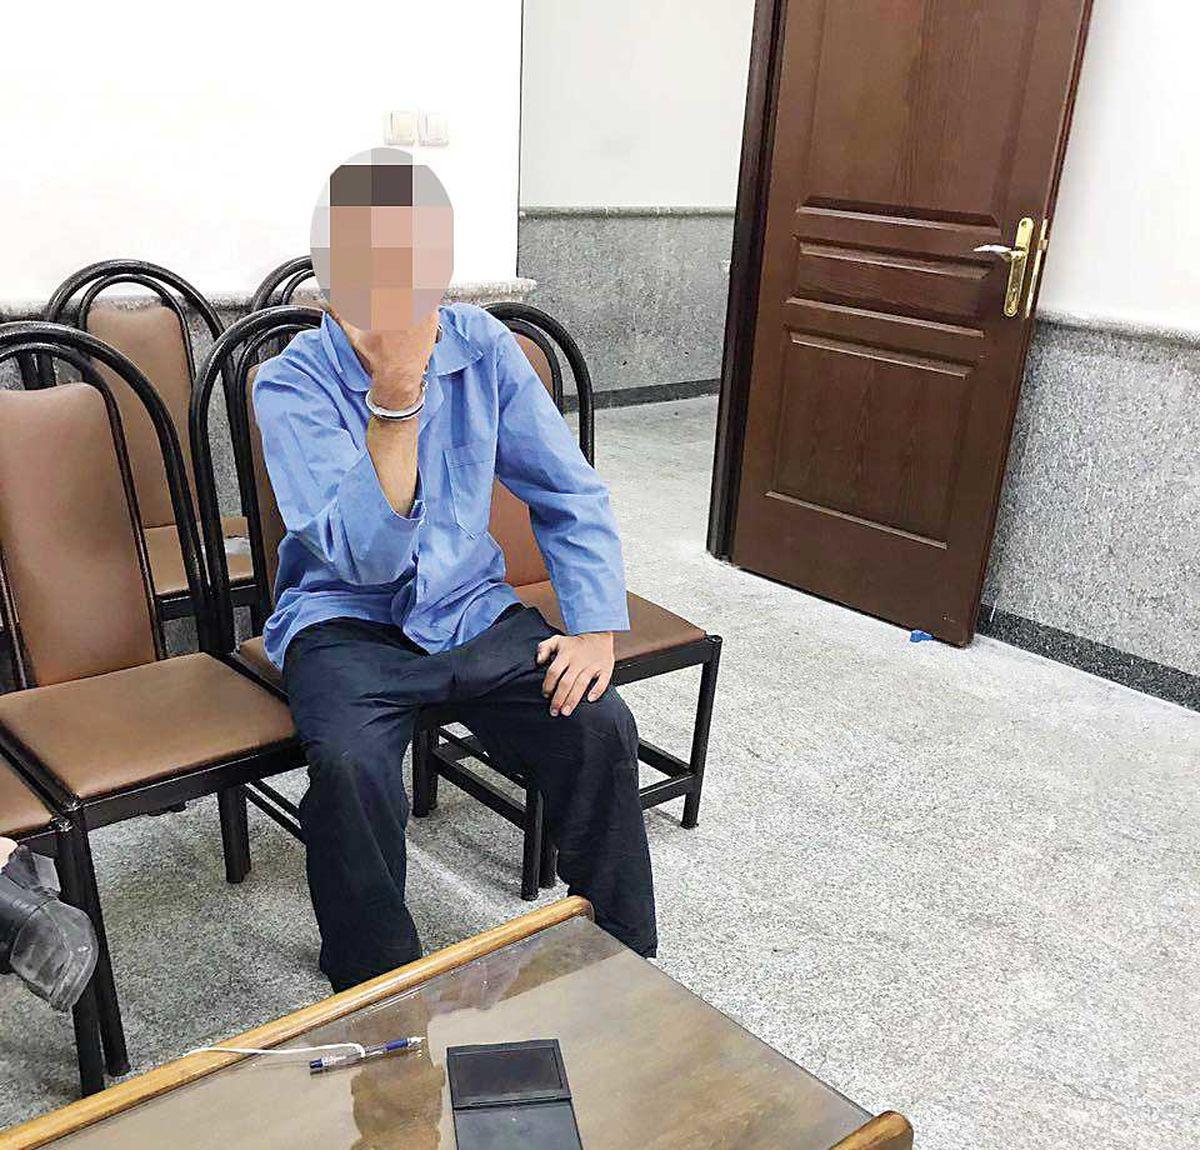 شکنجه زوج سالخورده به خاطر یک کلید